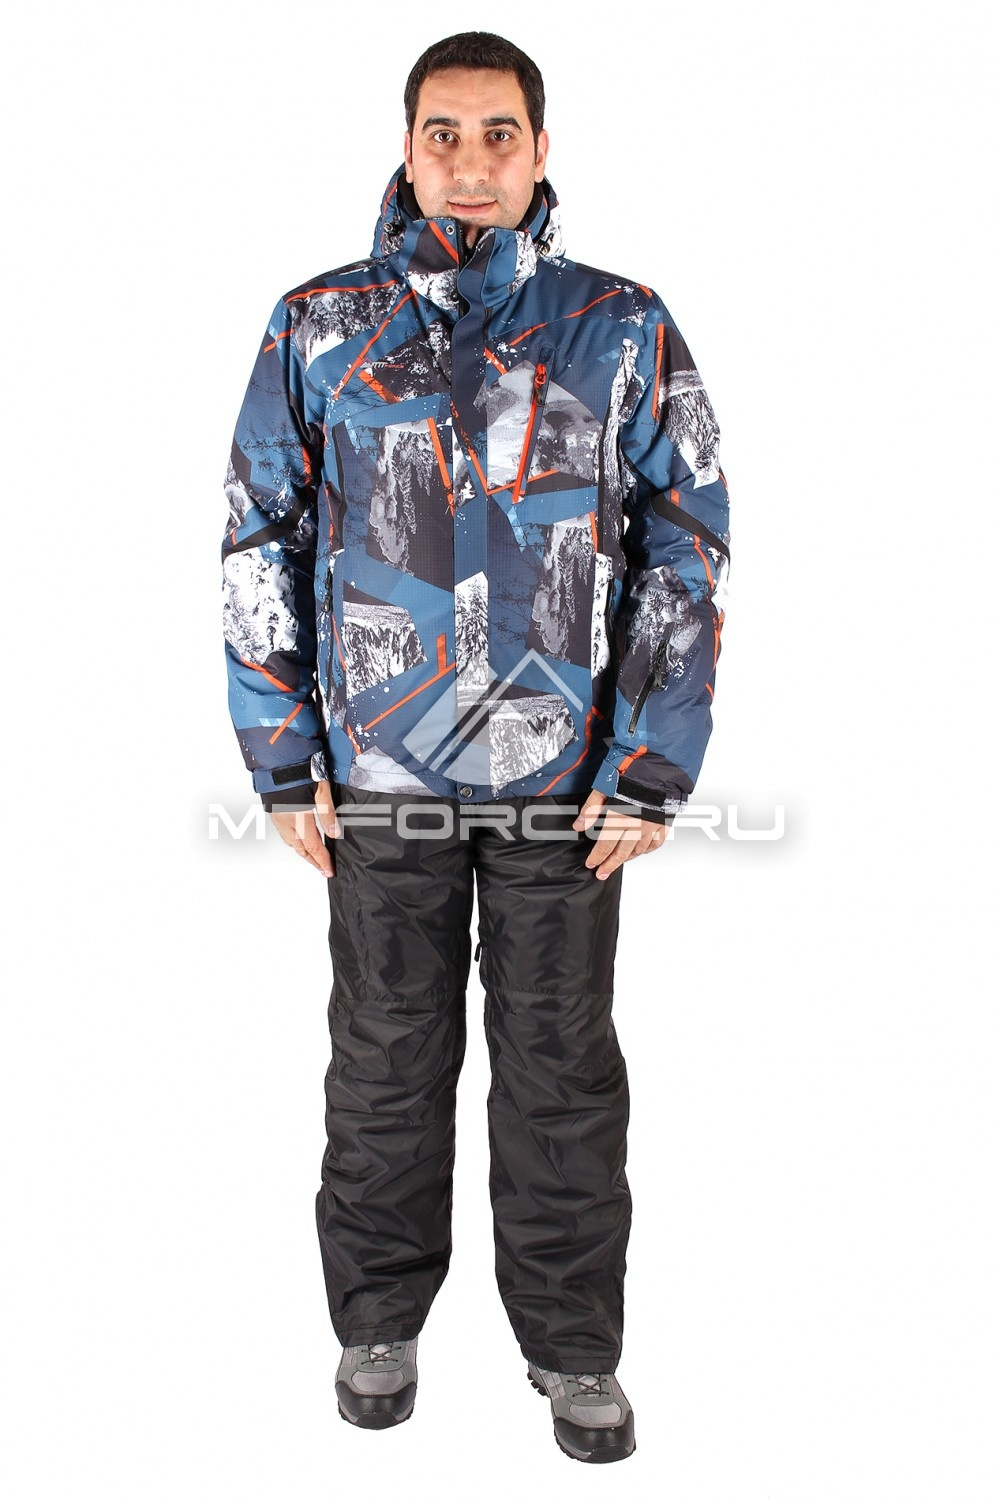 Купить                                  оптом Костюм горнолыжный мужской голубого цвета 01437Gl